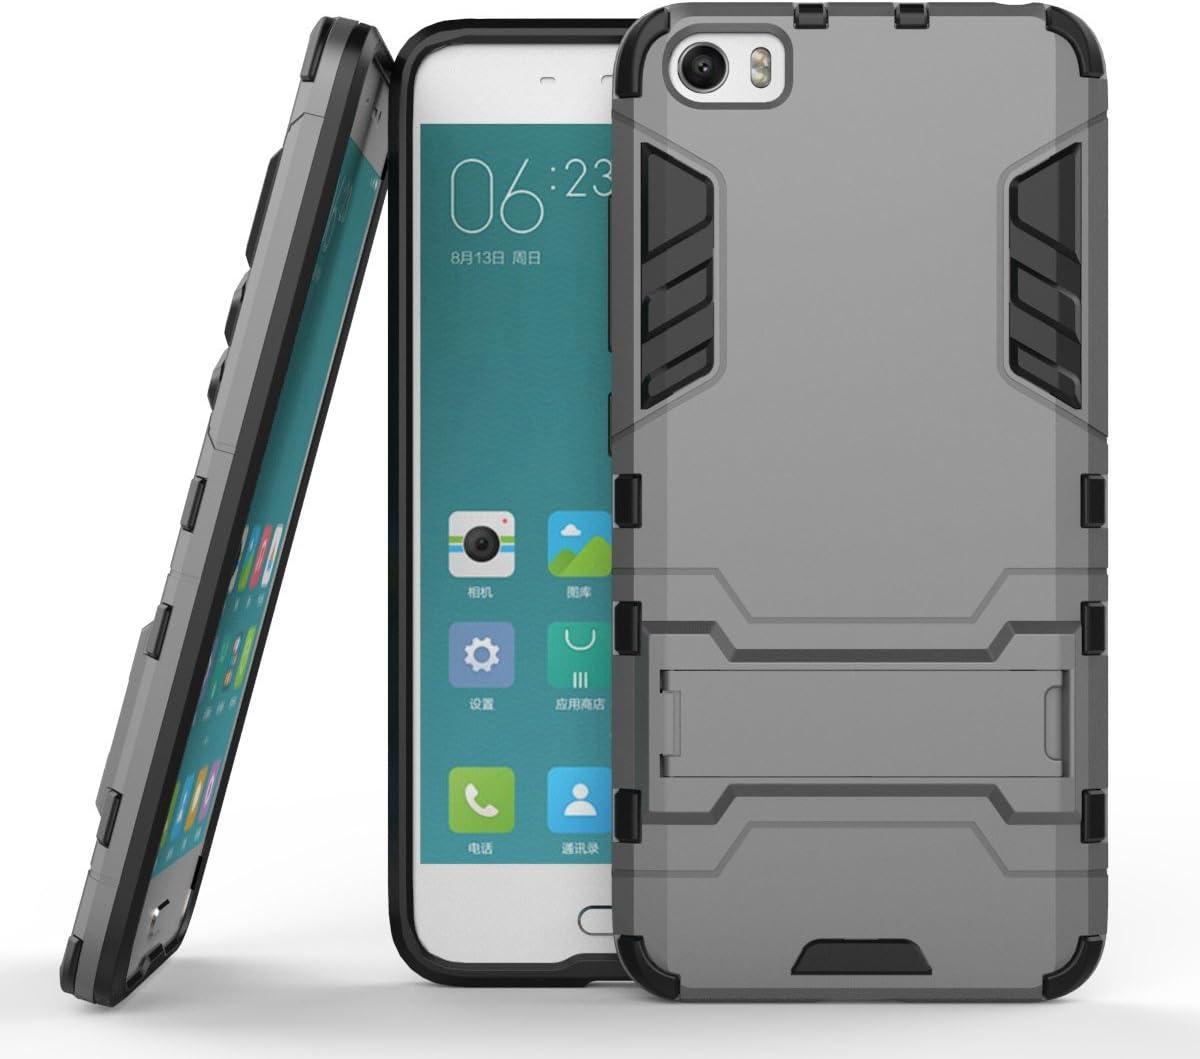 Ycloud Funda Libro para Xiaomi Mi5 teléfono Strongest a Prueba de Golpes Armadura Doble protección de Concha Protectora de Duro Soporte Cubierta Protectora Gris